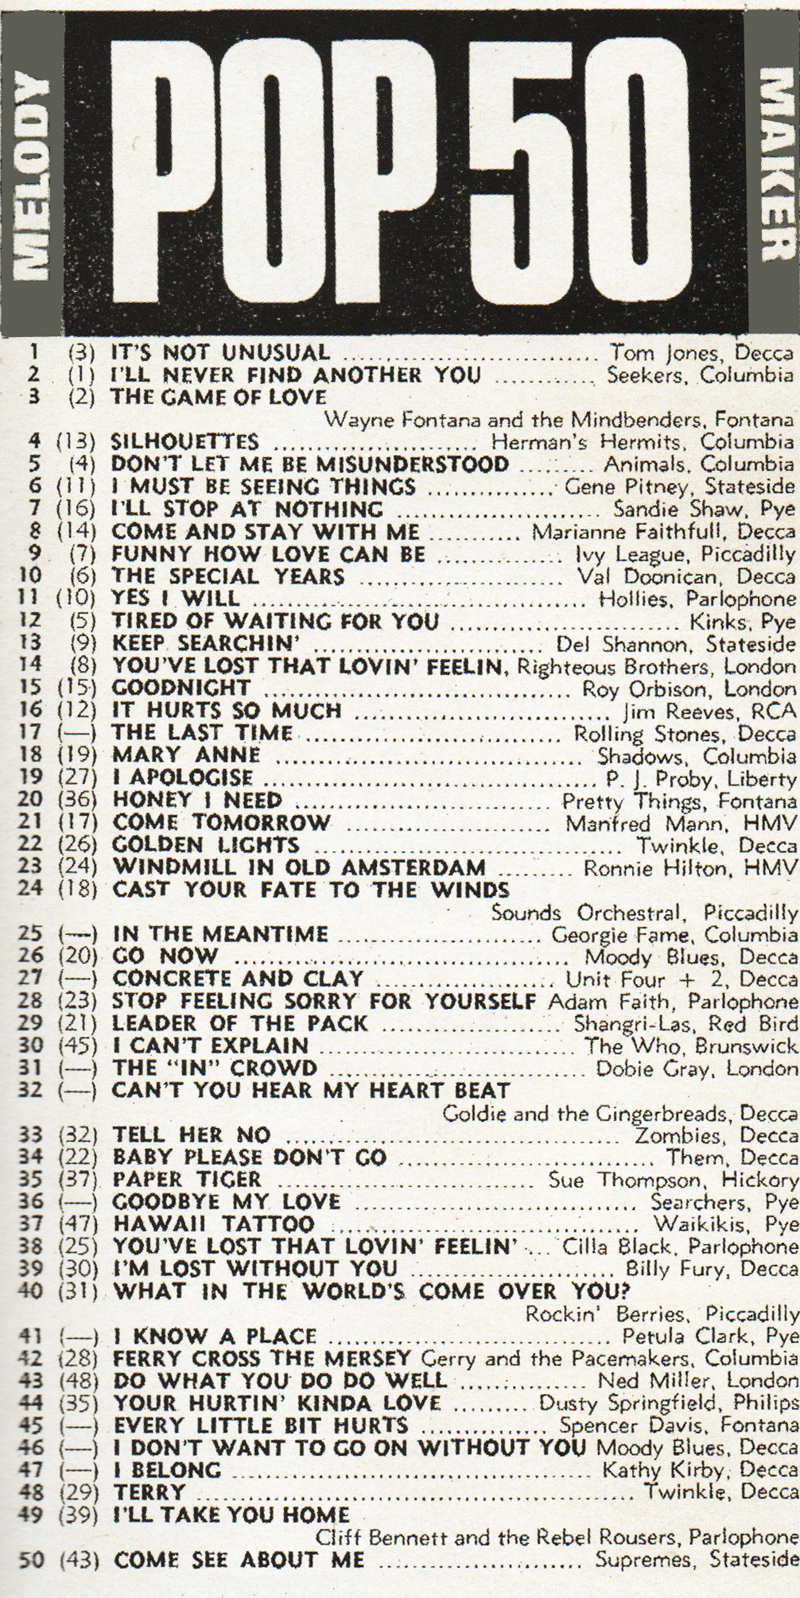 1965 chart